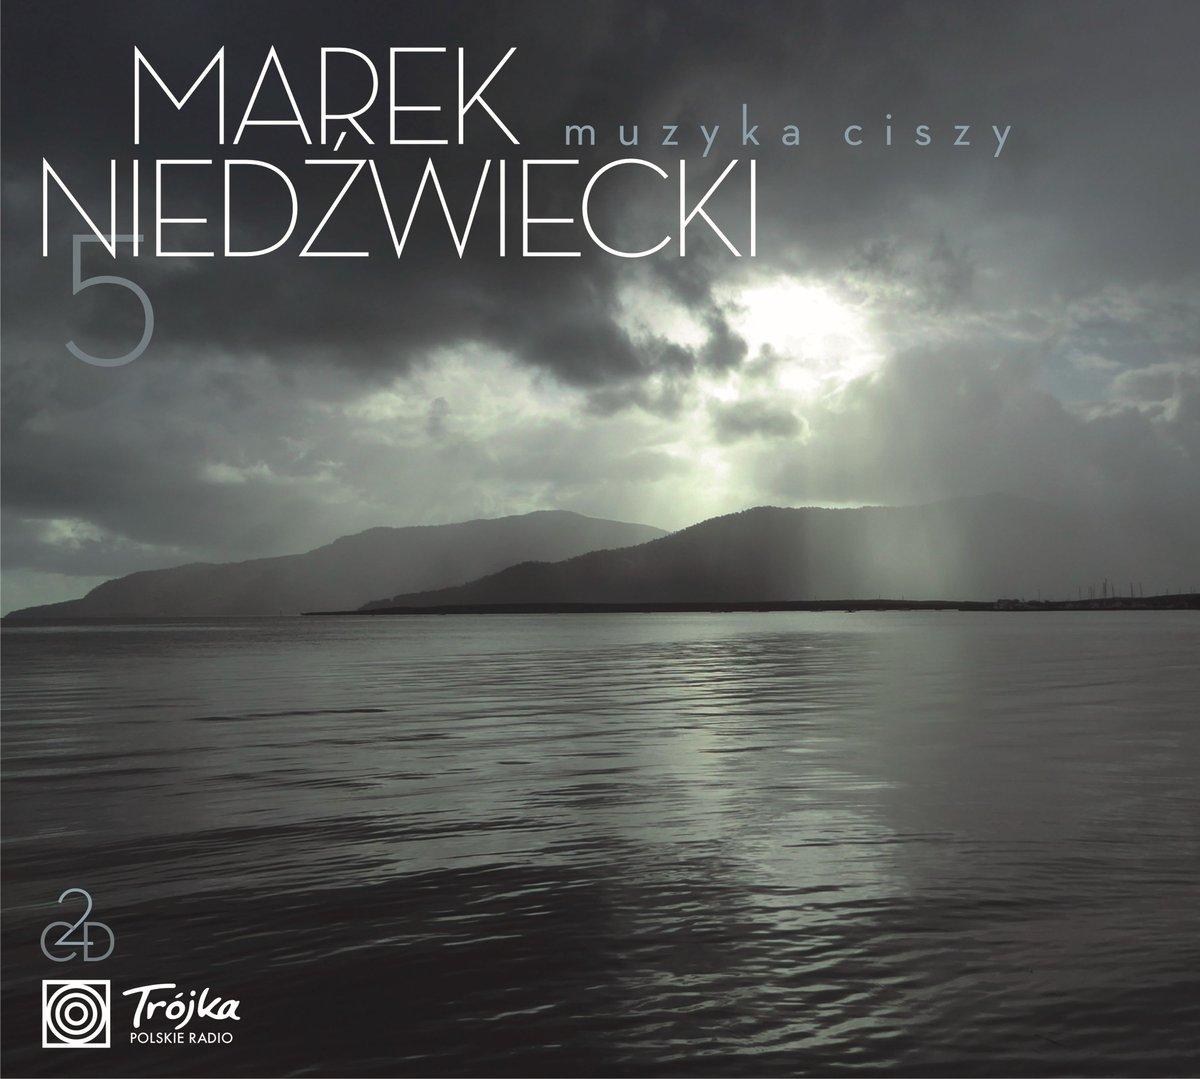 Muzyka Ciszy 5 (przedstawia Marek Niedźwiecki)